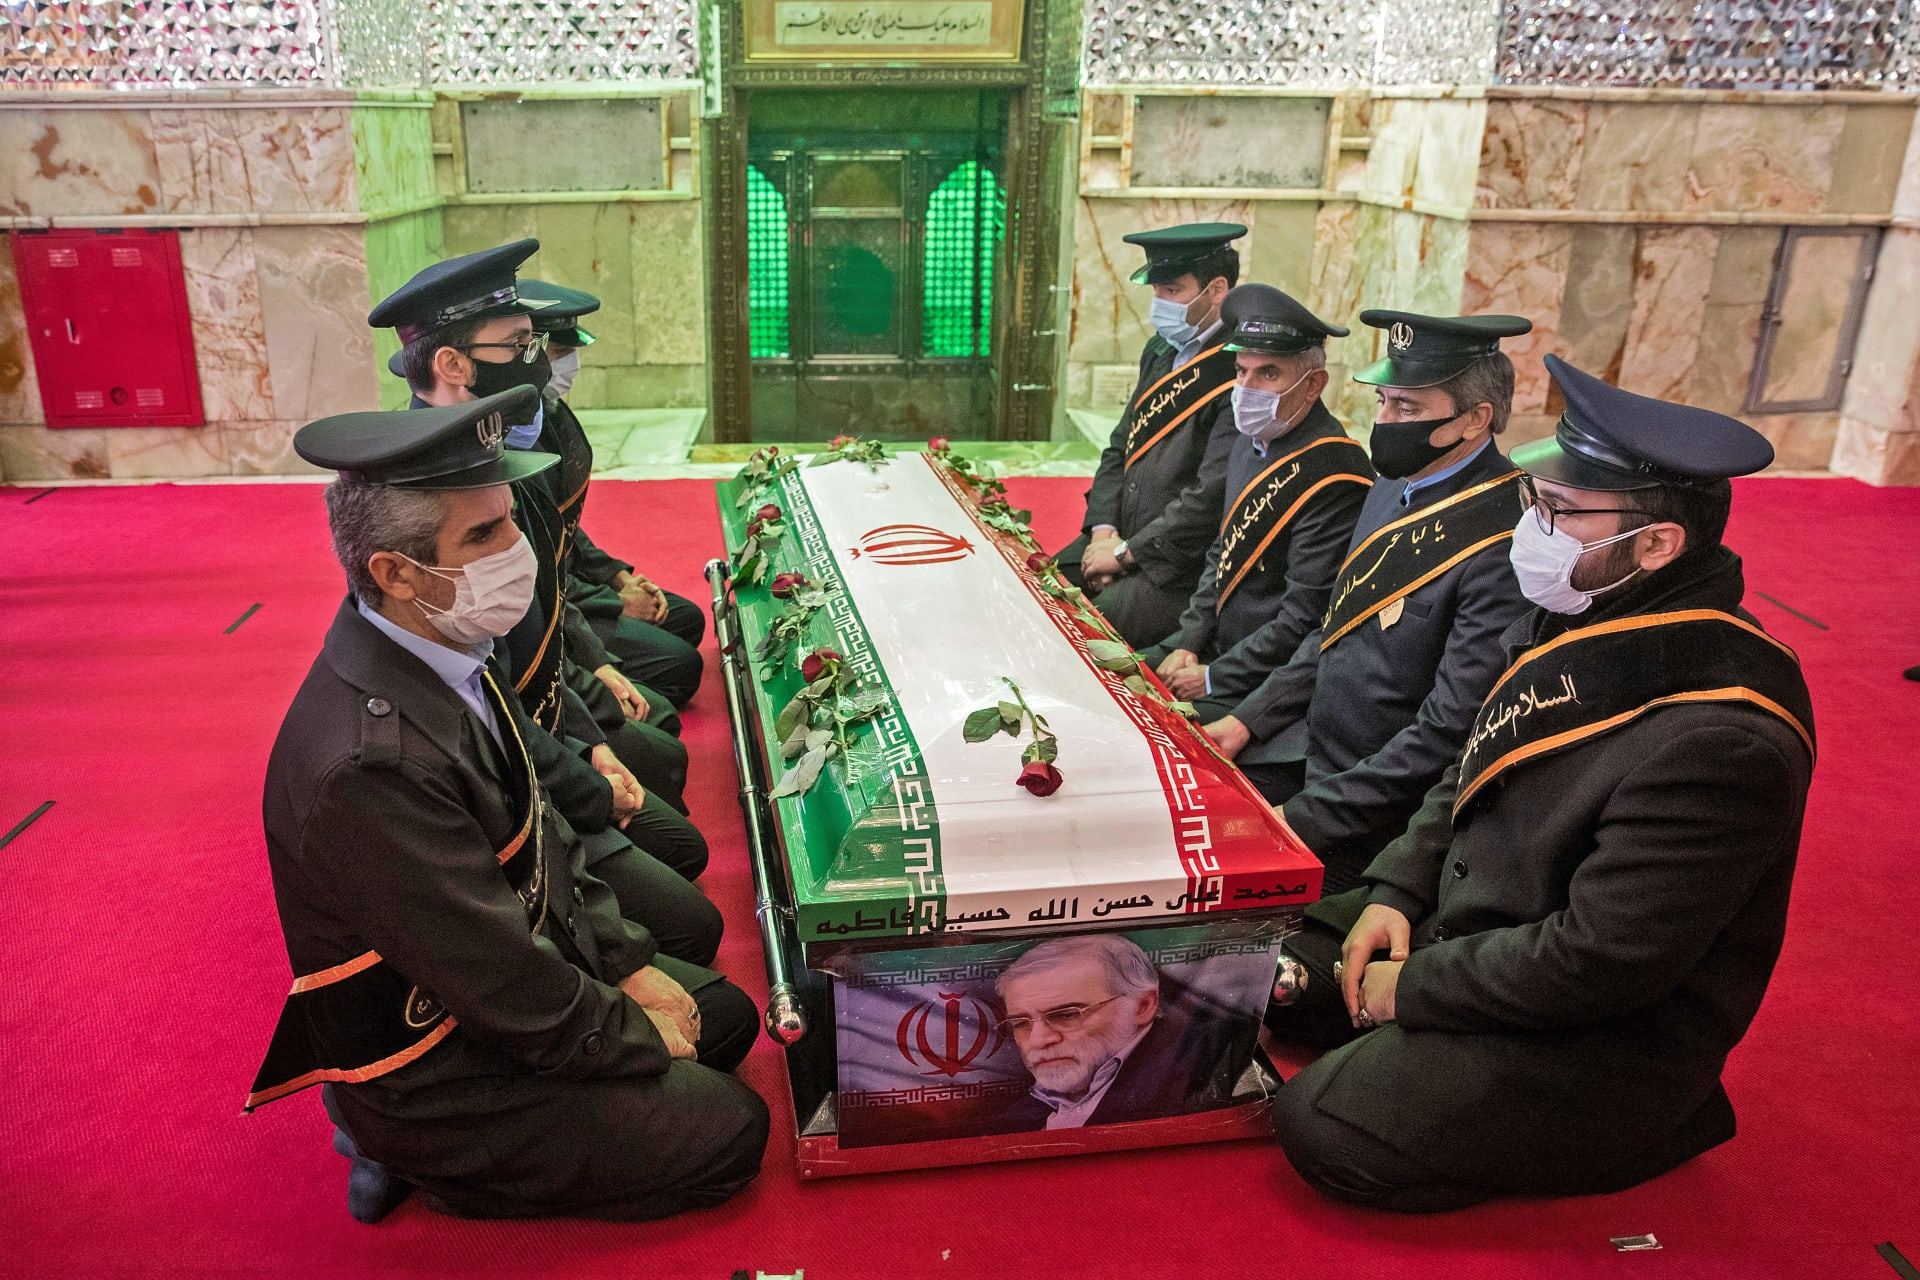 الحكومة الإيرانية تعلن التعرف على المتورطين باغتيال محسن فخري زادة